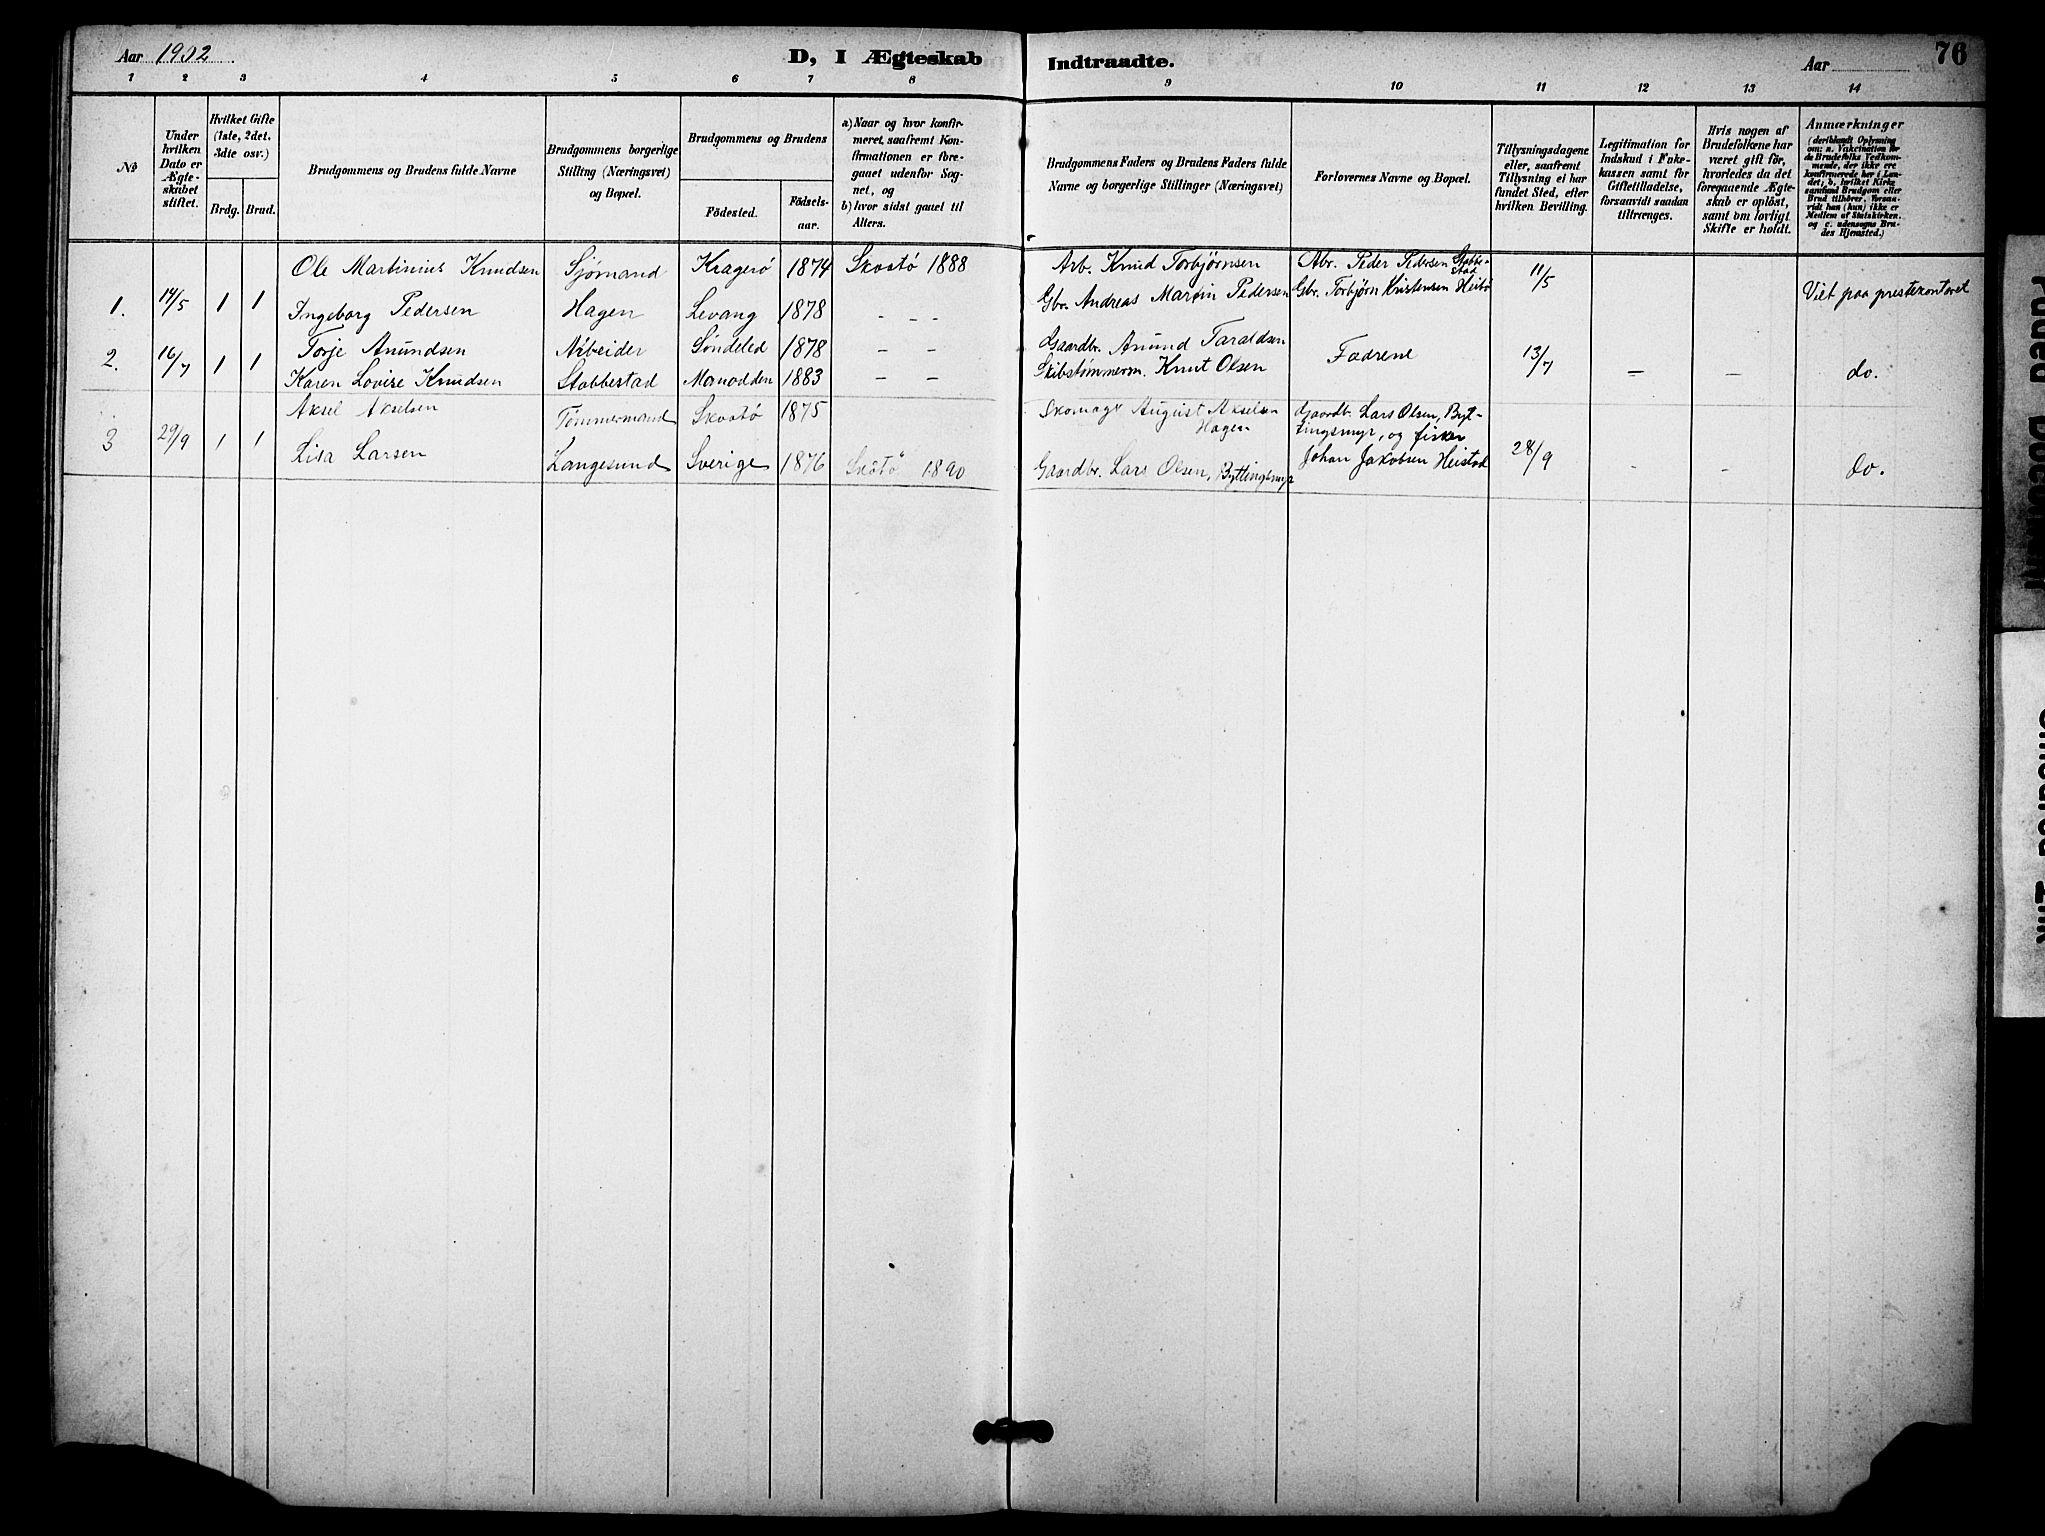 SAKO, Skåtøy kirkebøker, G/Gb/L0001: Klokkerbok nr. II 1, 1892-1916, s. 76